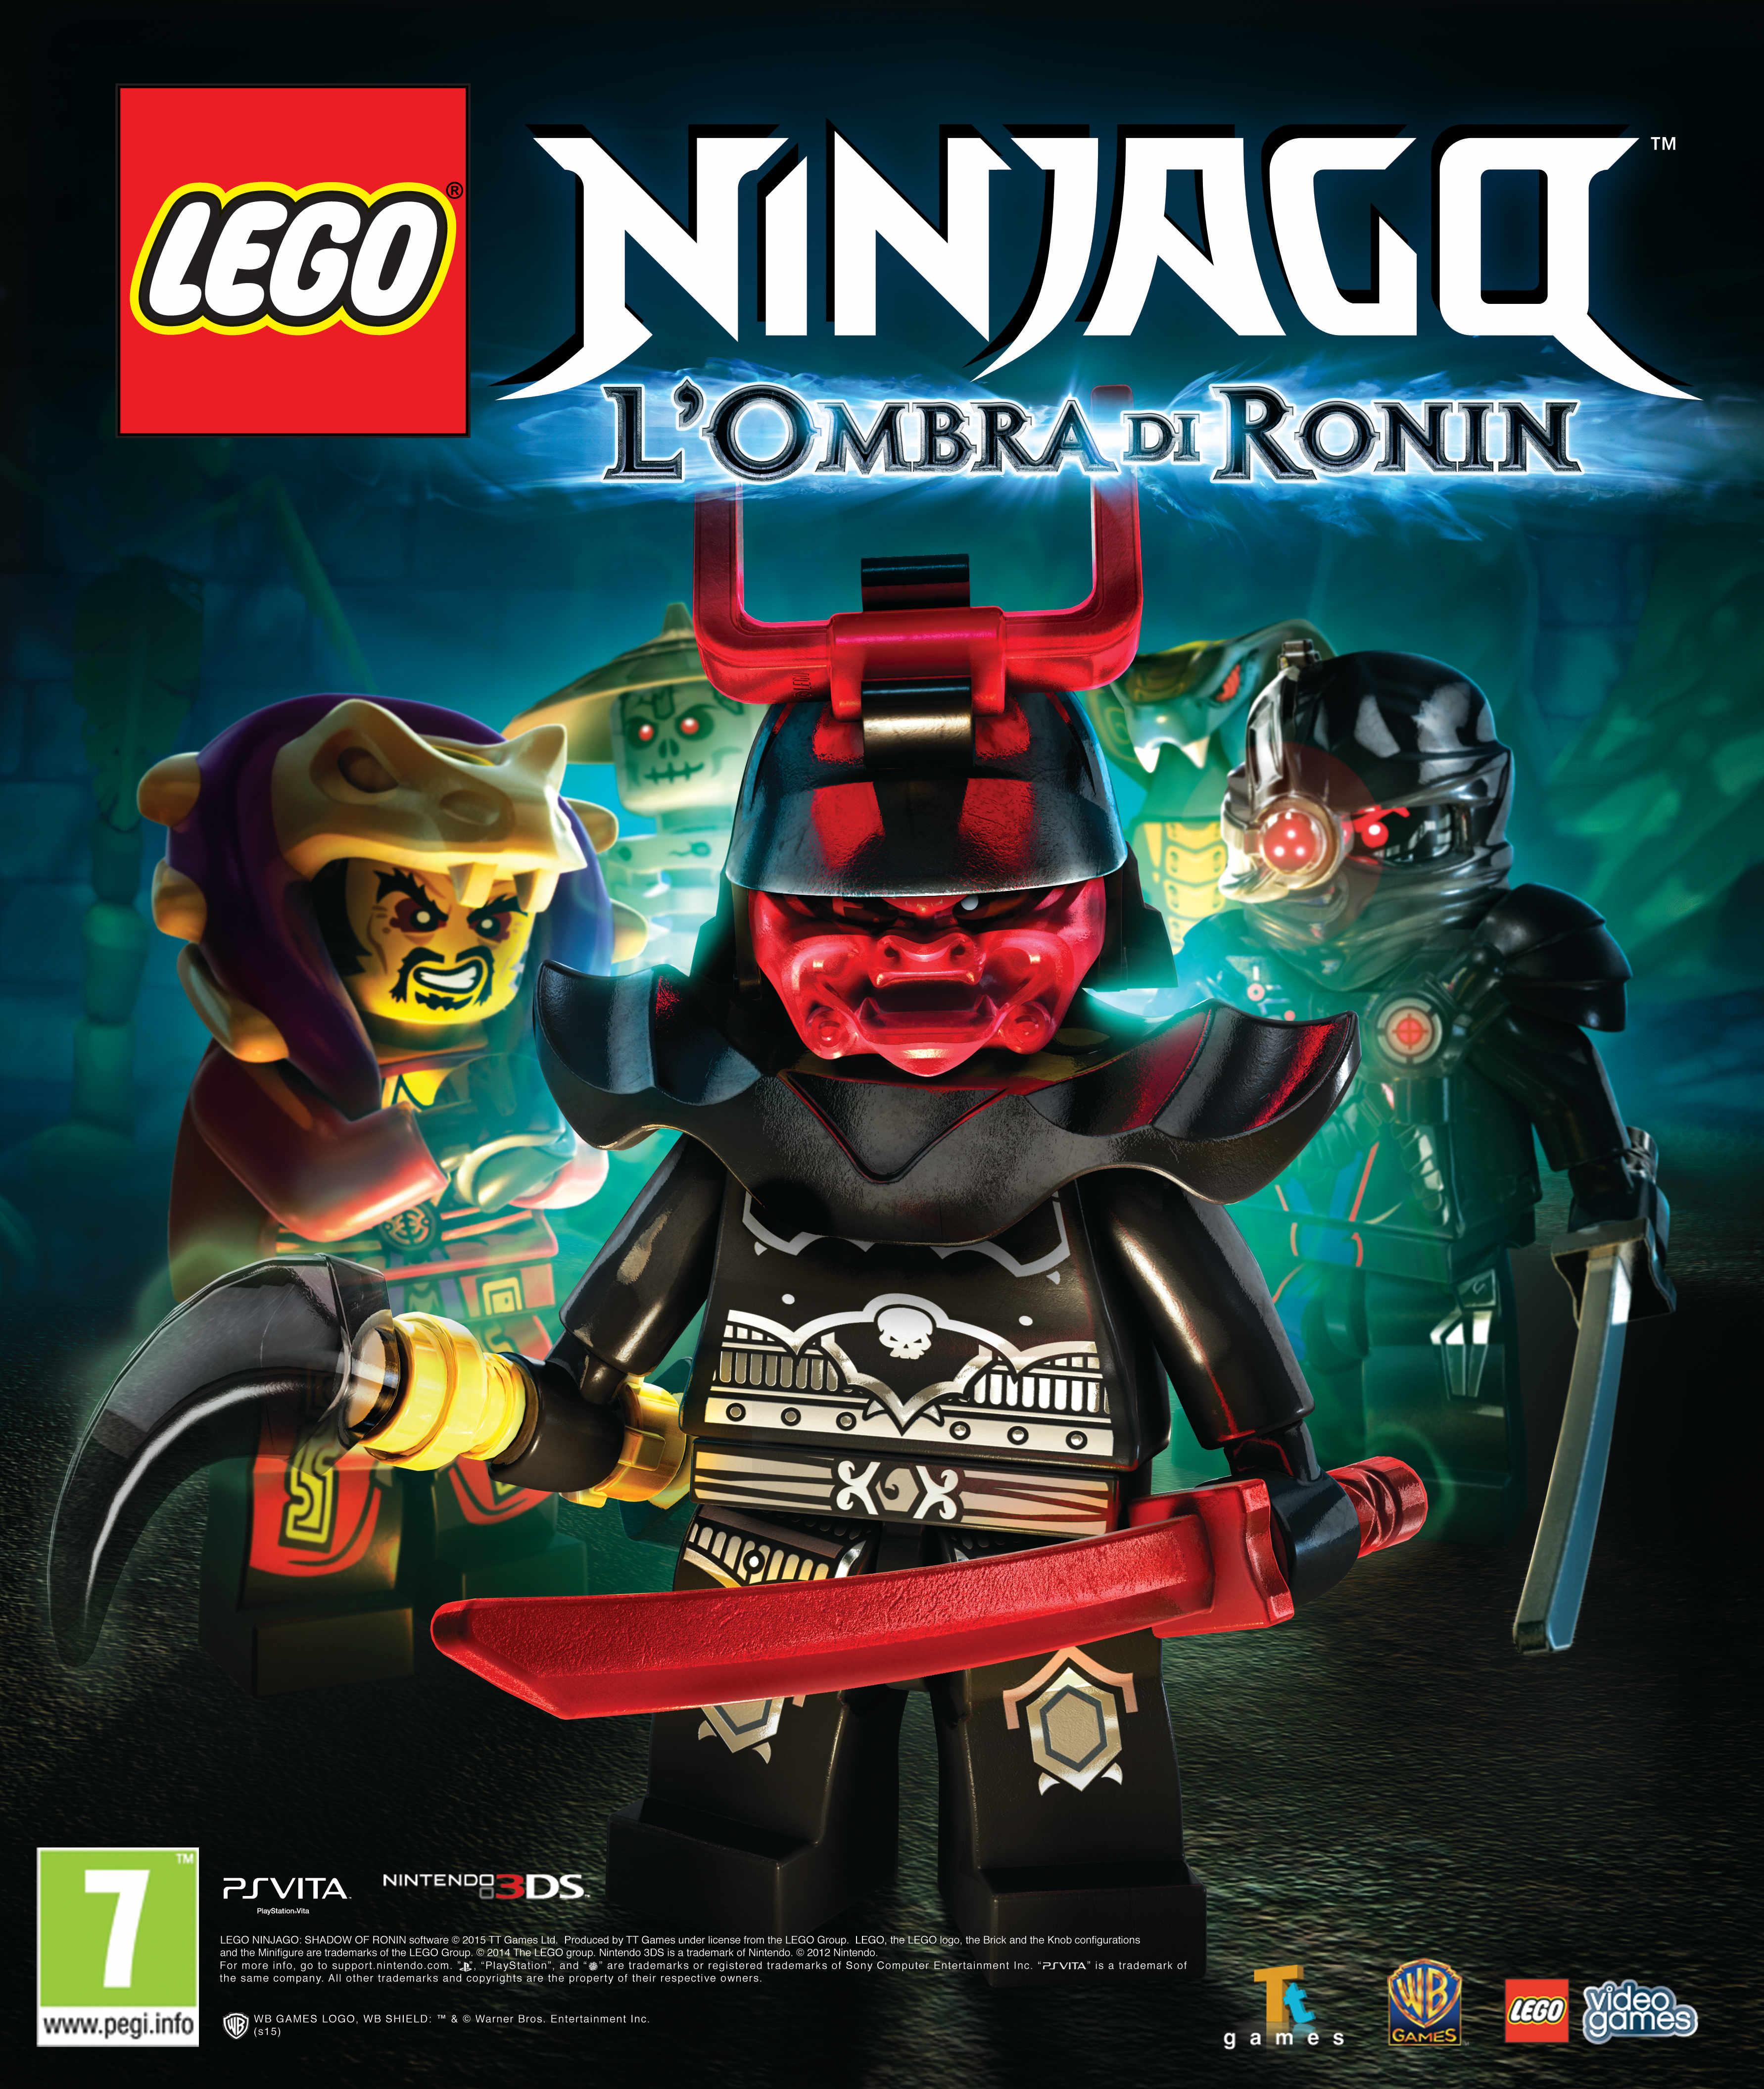 LEGO_Ninjago_SoR_Villains Render_ITA